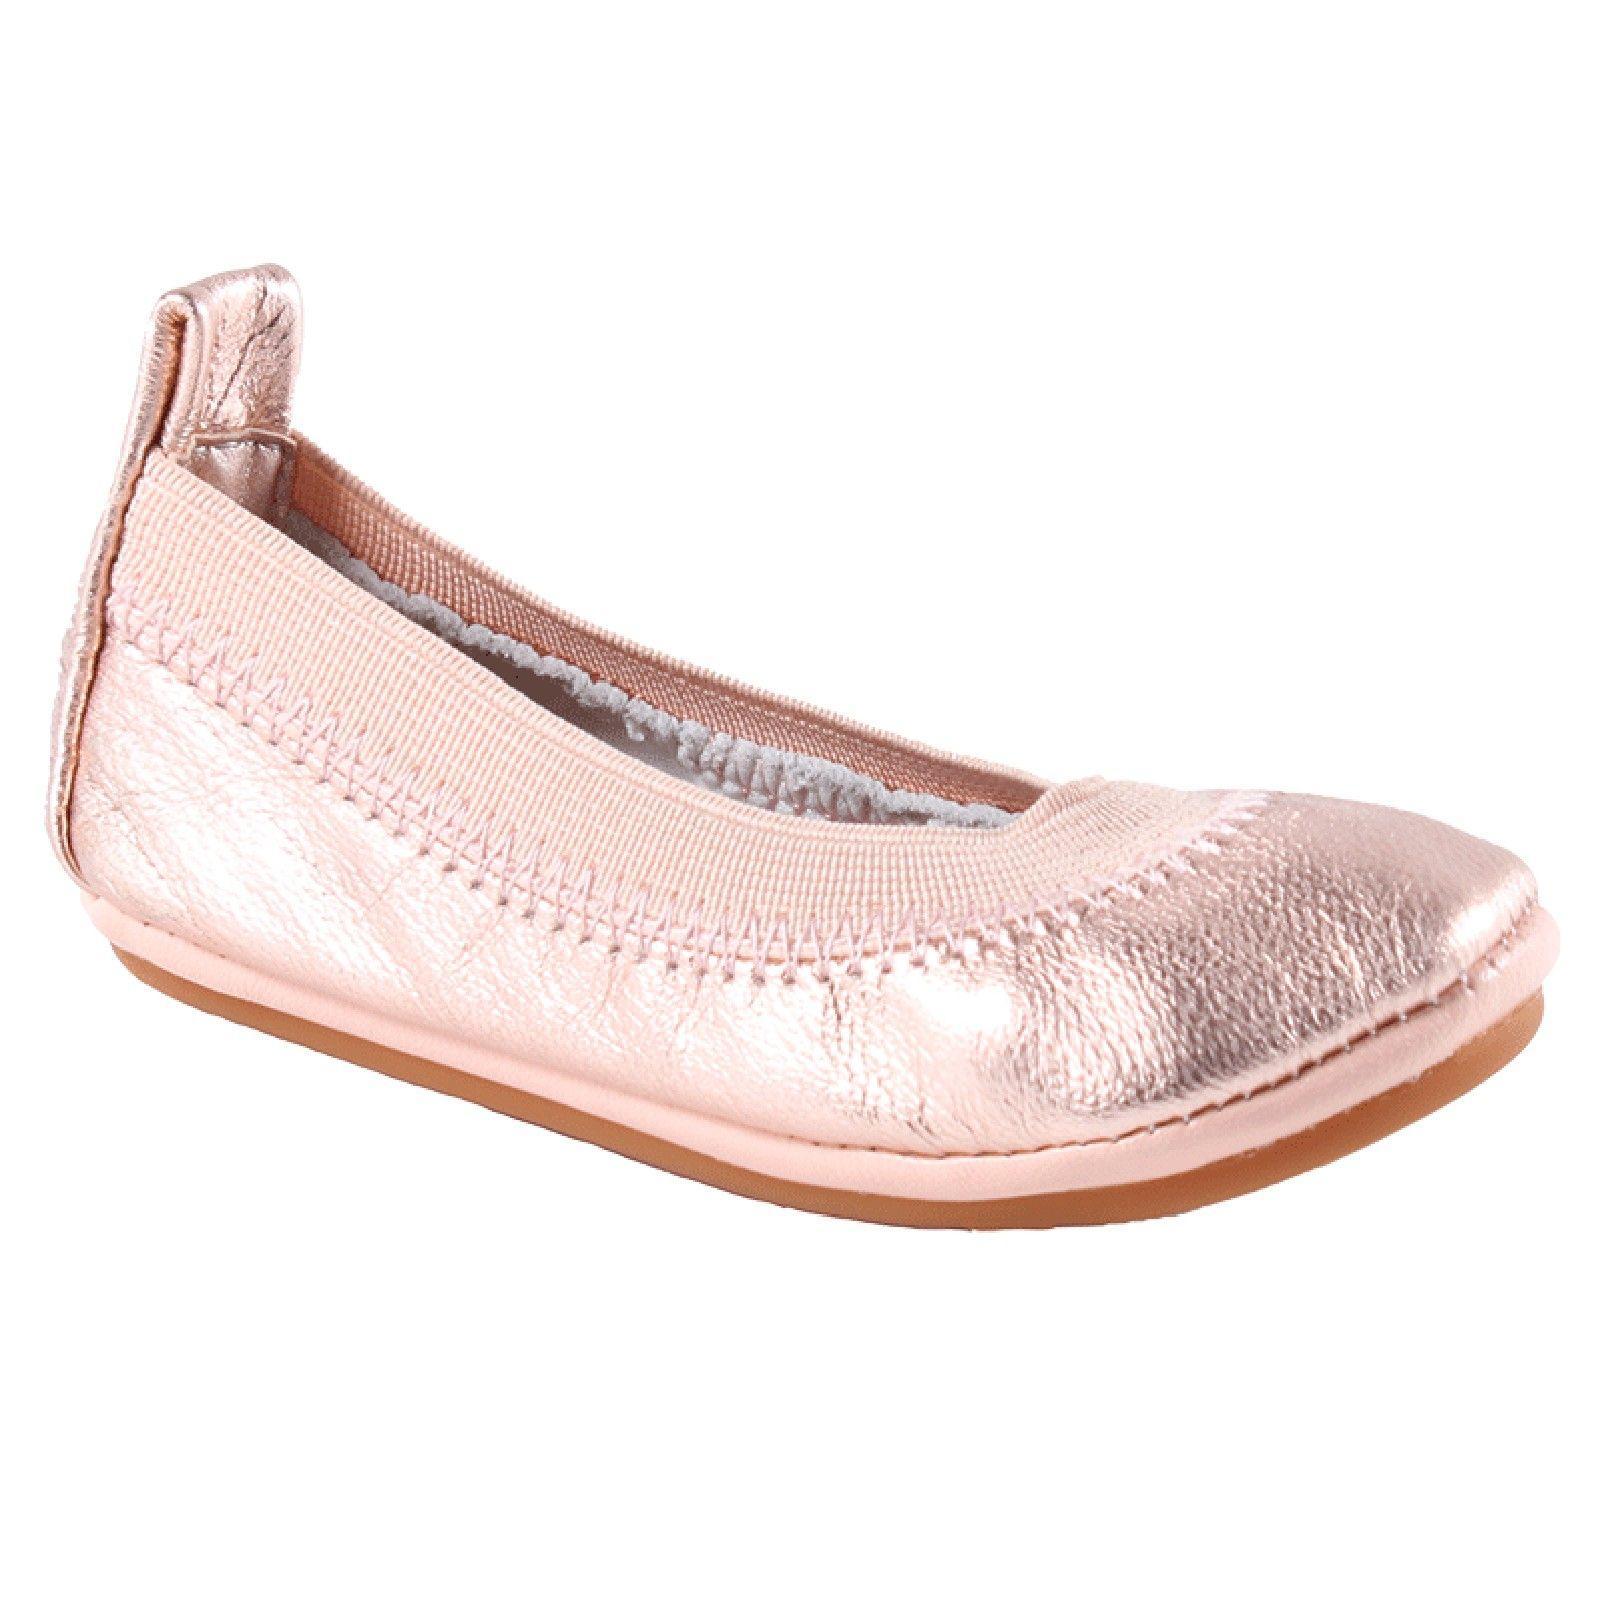 Yosi Samra Kids Rose Gold Leather Ballet Flat Shoes Toddler Little